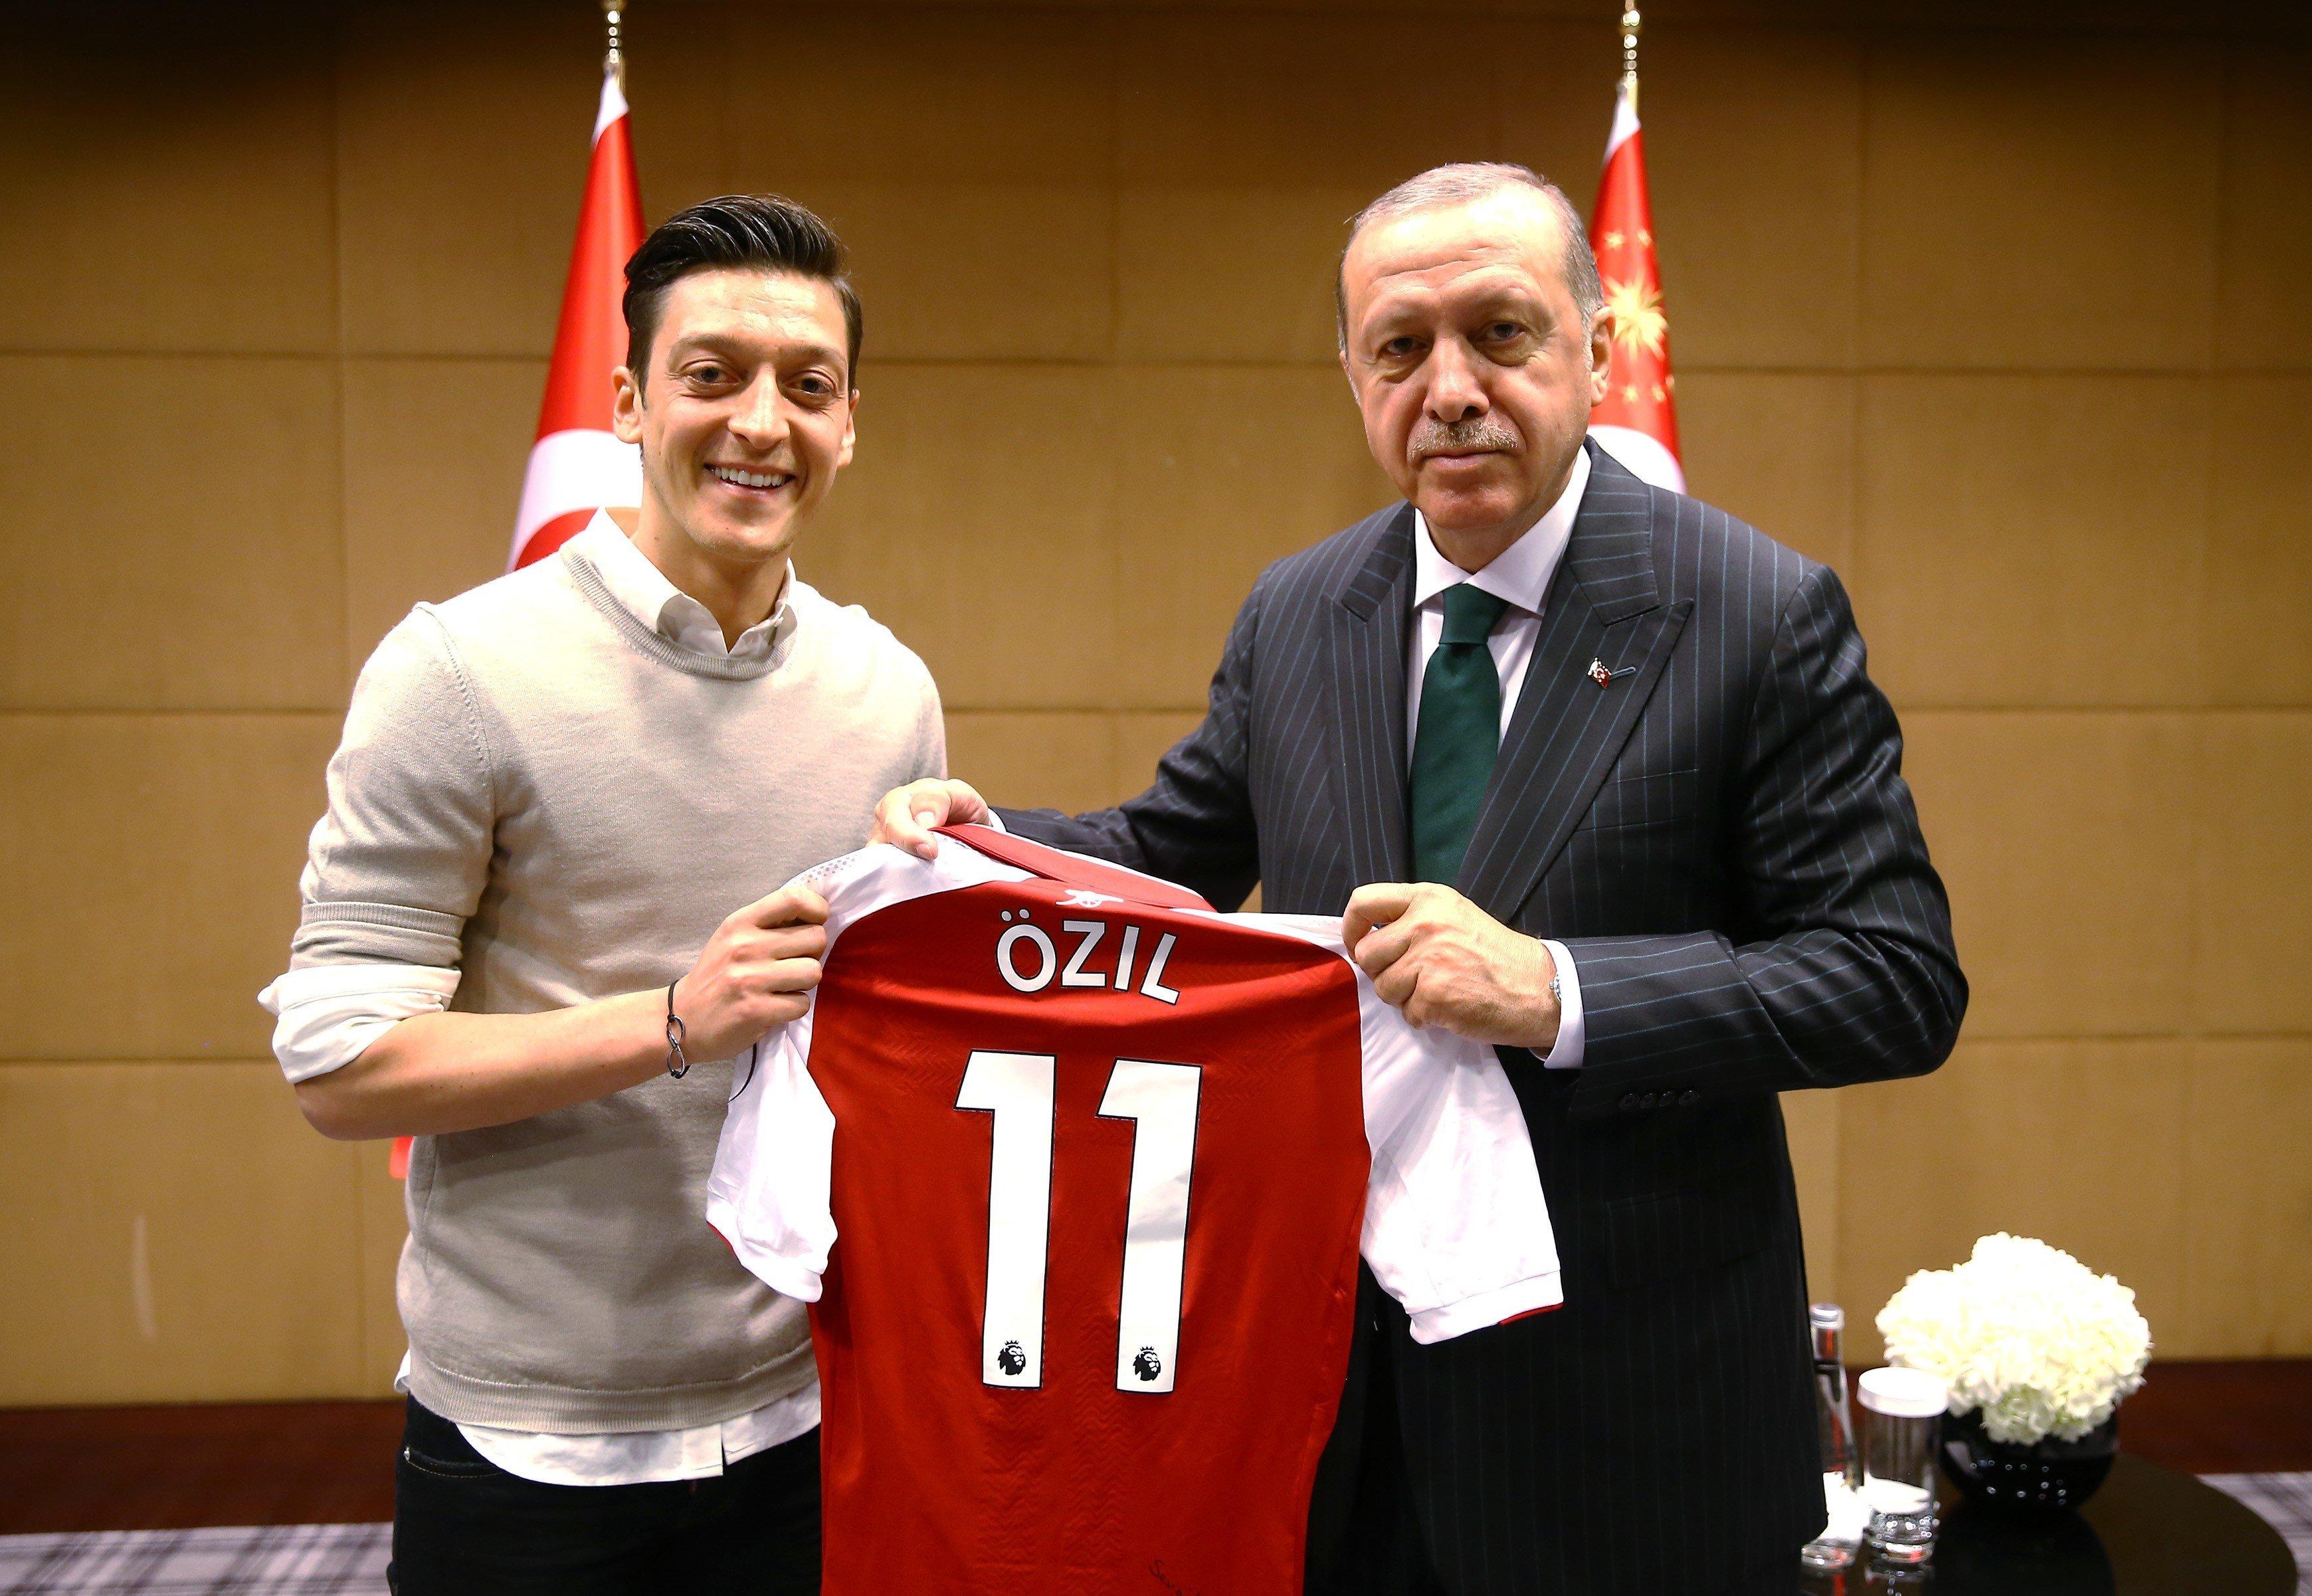 Ερντογάν υπέρ Οζίλ: Θα λιντσάραμε ποδοσφαιριστές που ποζάρουν με την